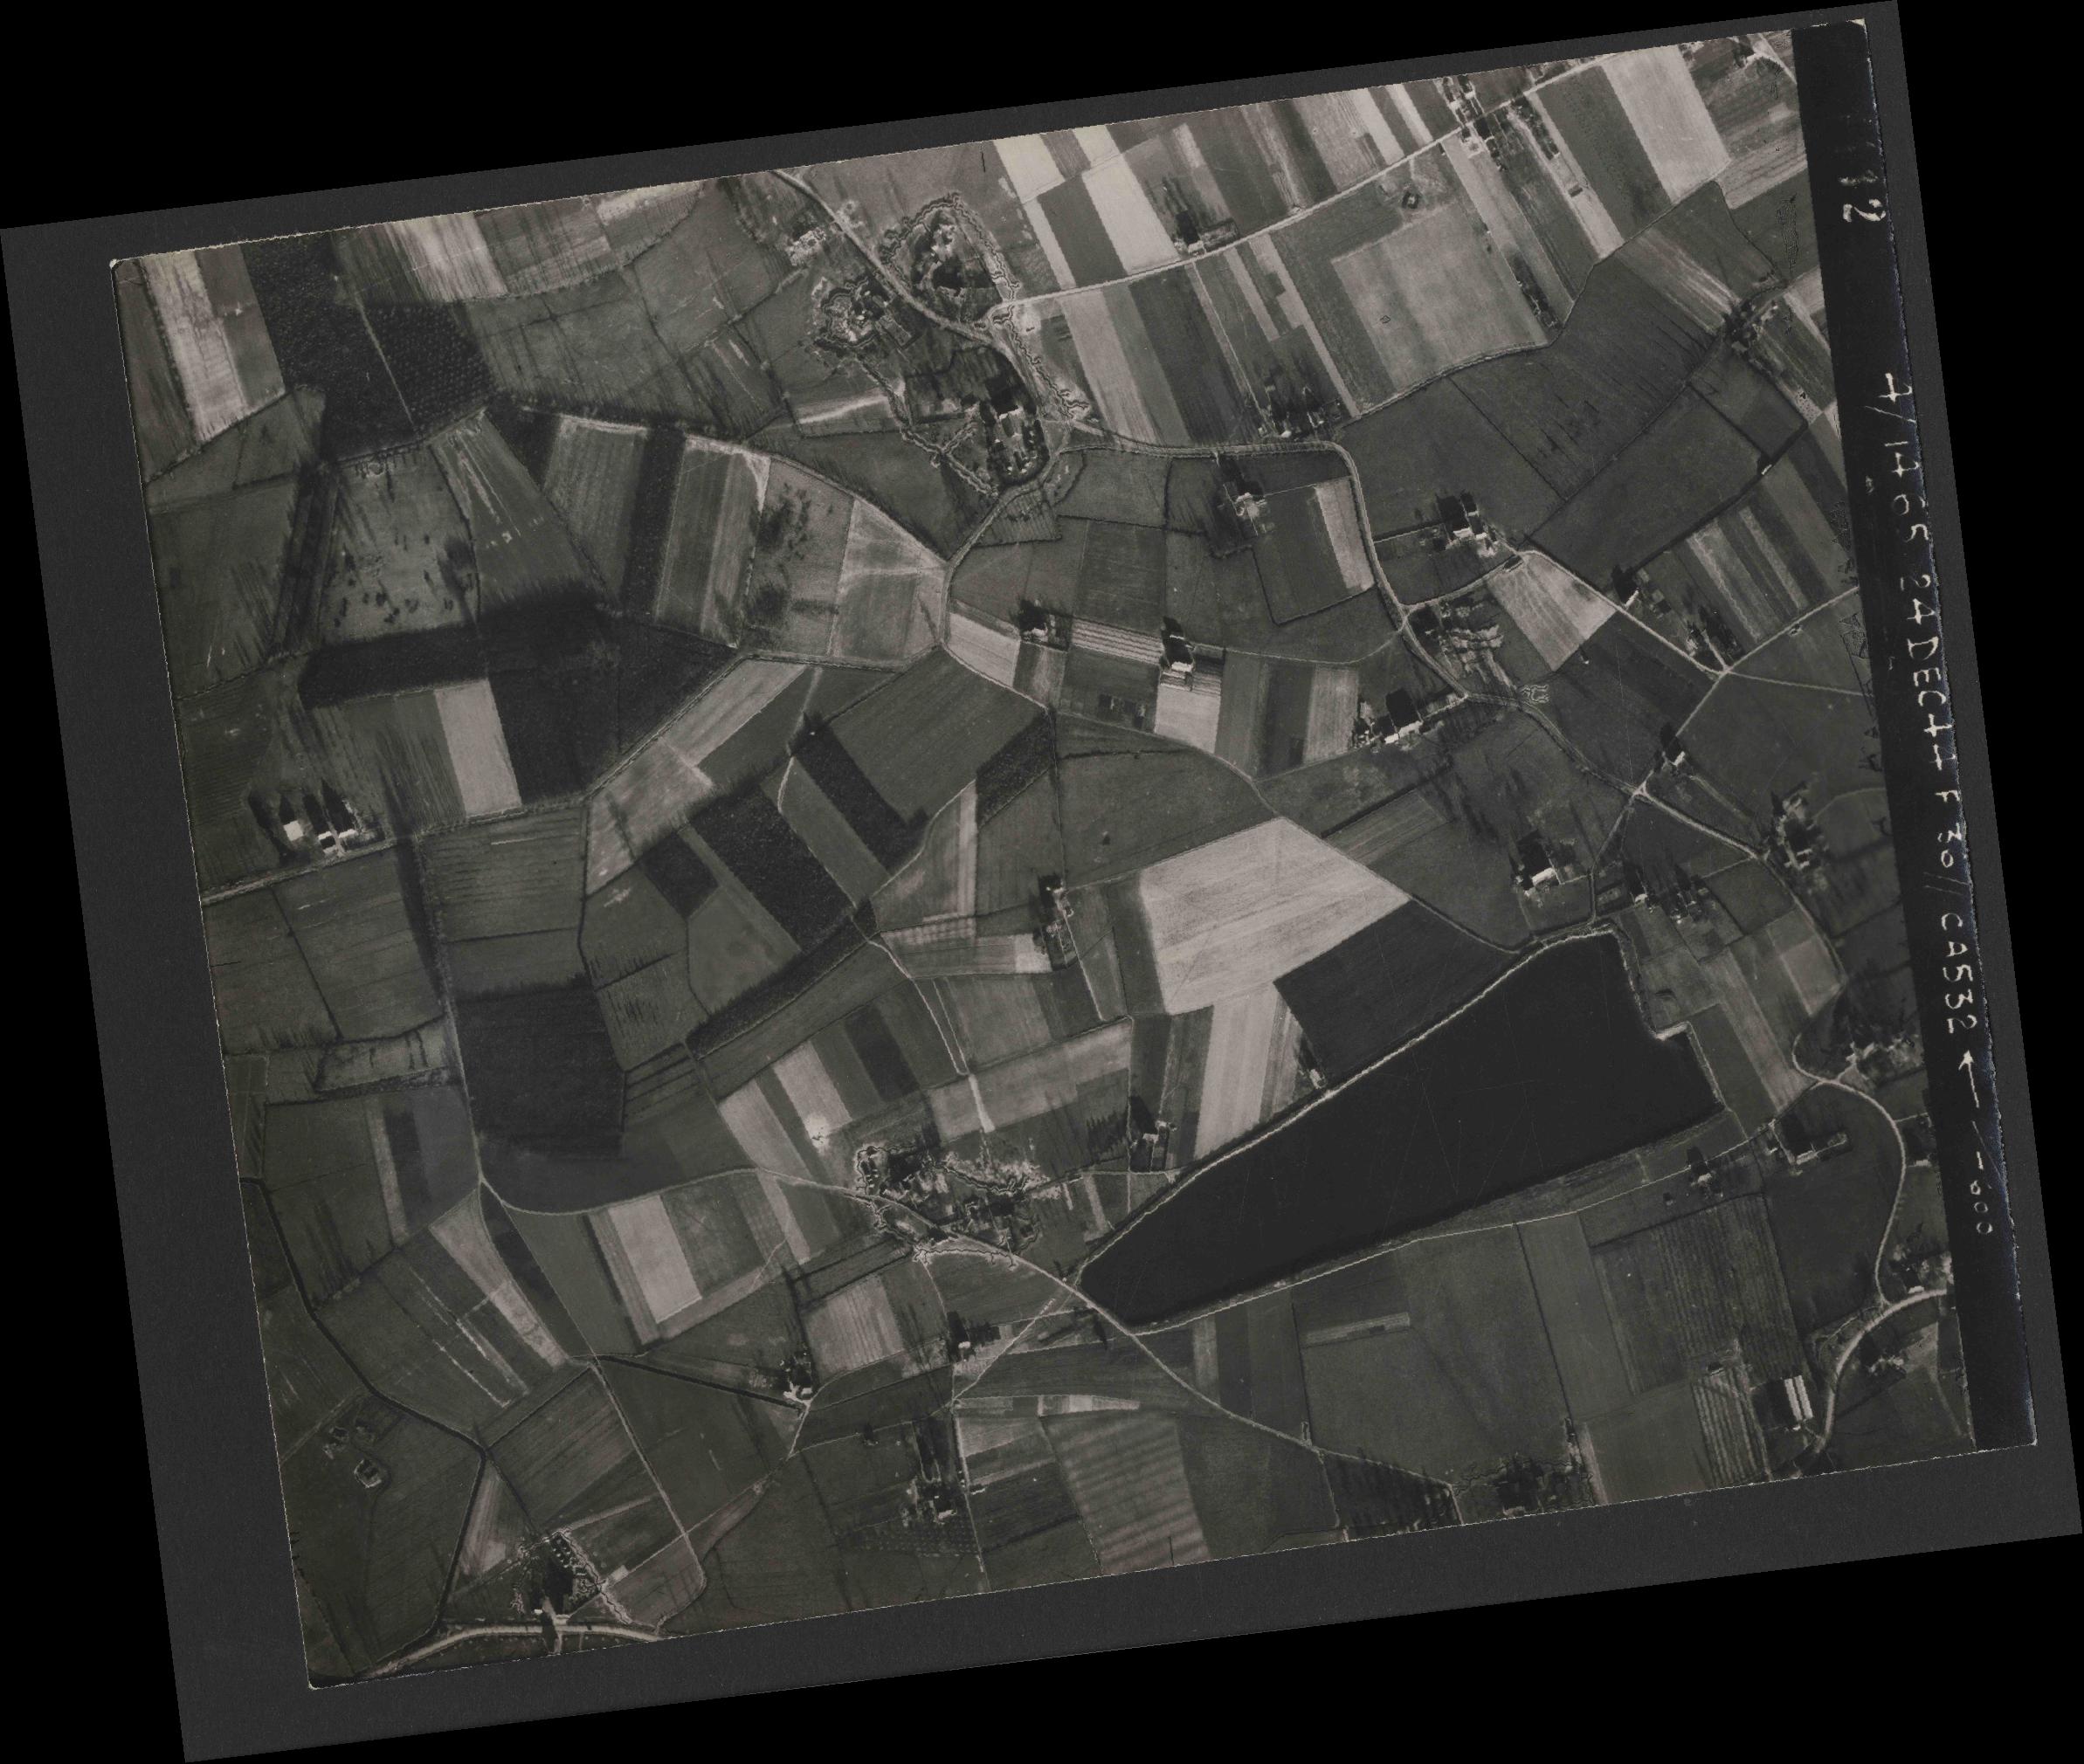 Collection RAF aerial photos 1940-1945 - flight 304, run 02, photo 4112